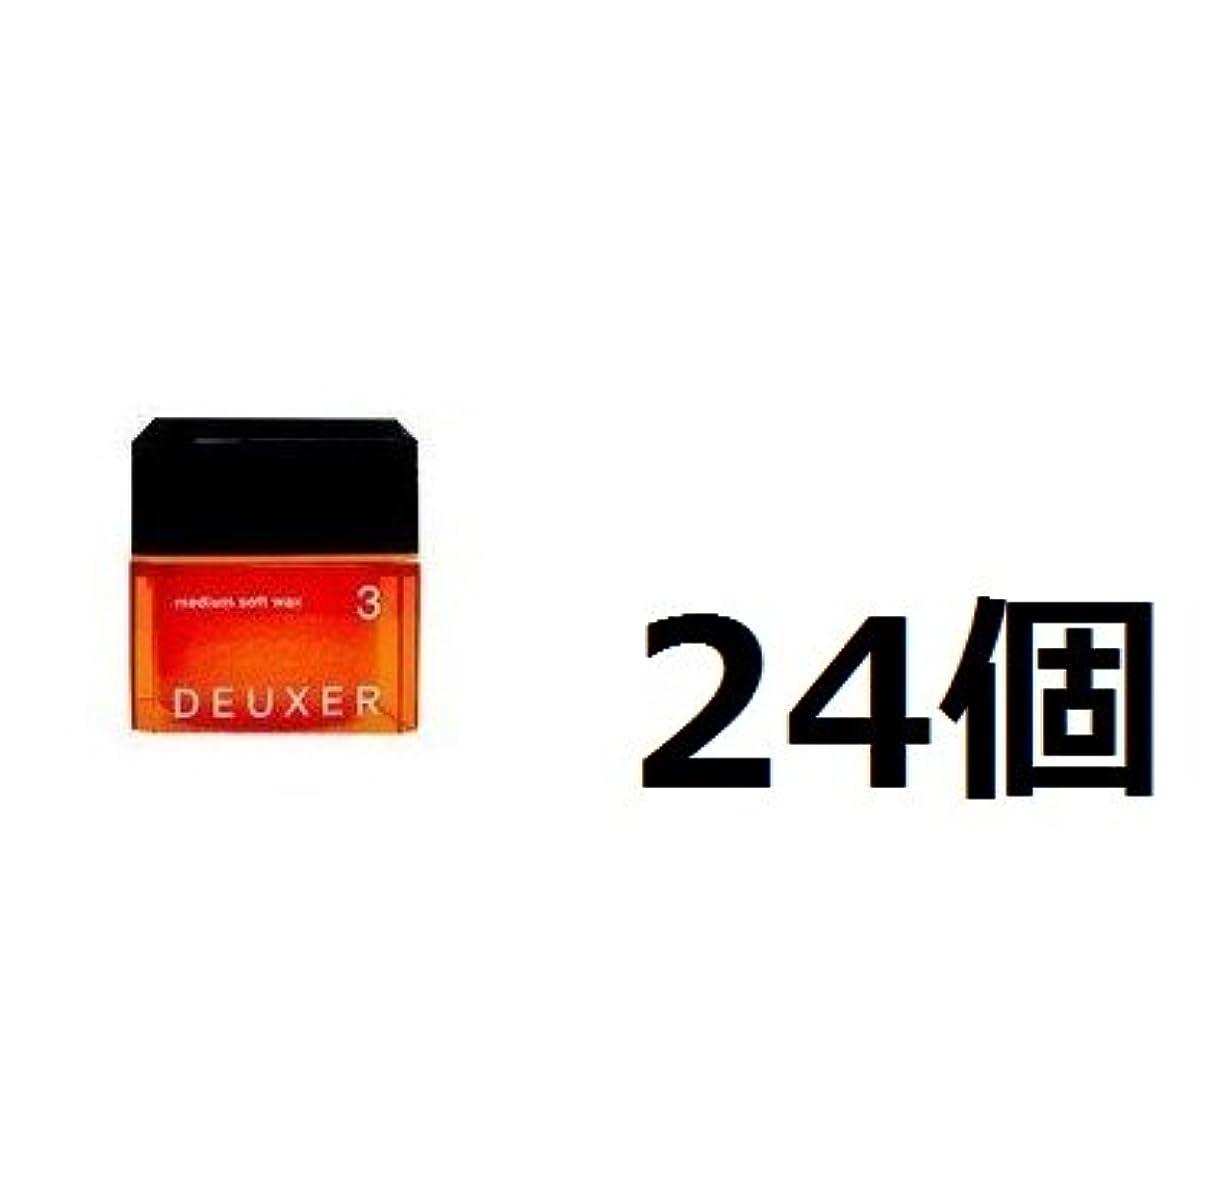 アーサーシーサイド不規則な【24個セット】ナンバースリー デューサー ミディアムソフトワックス 3 80g